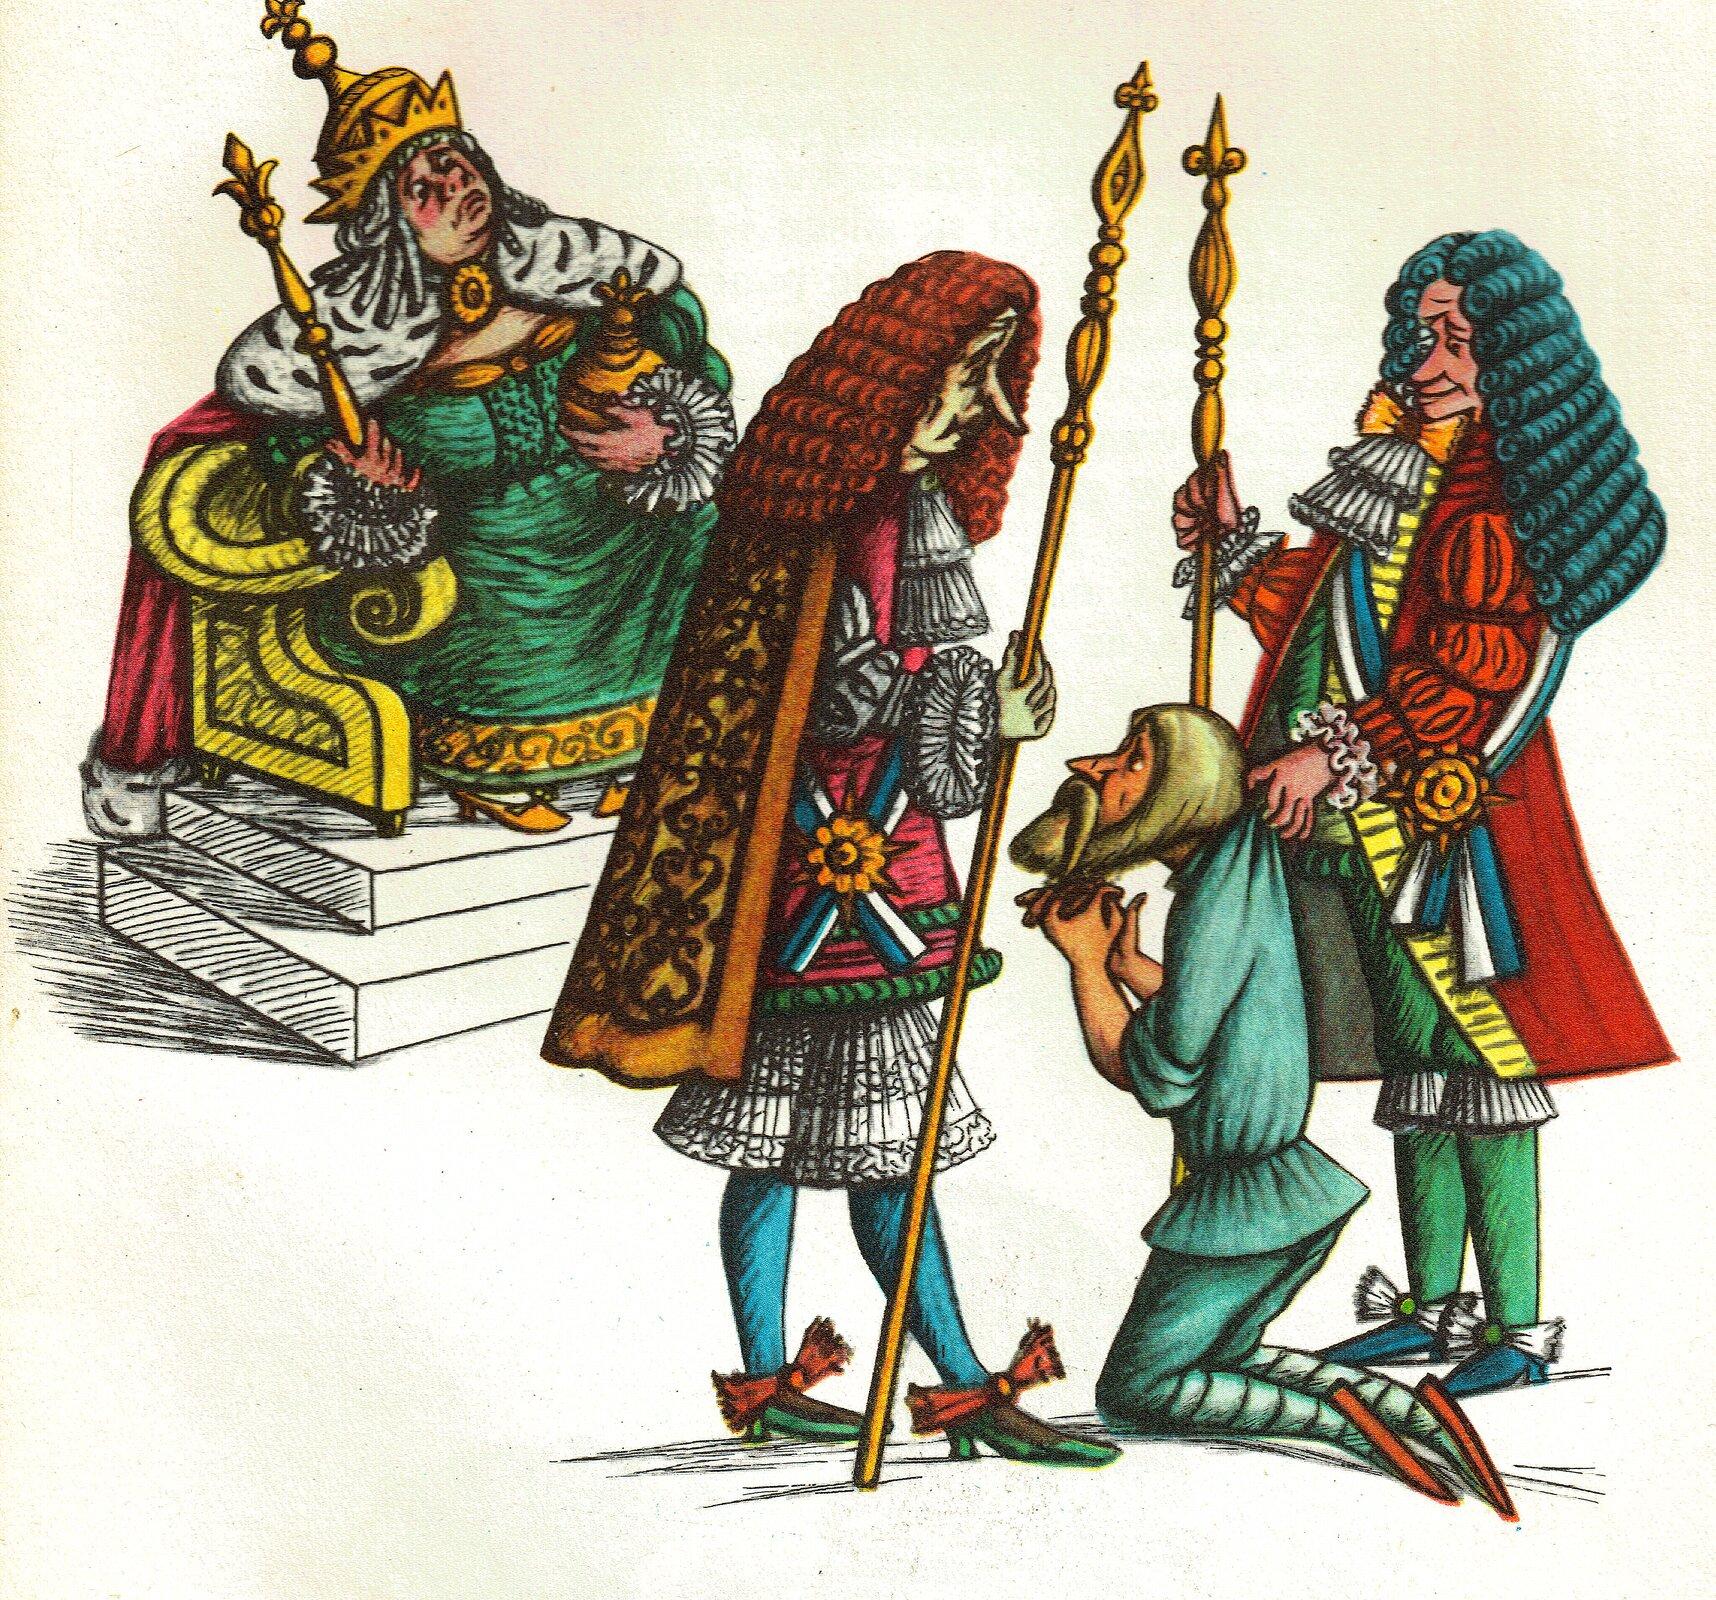 """Ilustracja przedstawia pracę Olgi Siemaszko zksiążki Juliana Tuwima """"Wiersze dla dzieci"""". Ukazuje siedzącą na tronie na tronie królową zberłem ijabłkiem wdłoniach, ubraną wdługą, zieloną suknię zprzypiętym kołnierzem zgronostaja. Na głowie ma wysoką koronę. Przed nią stoją dwaj dworzanie wperukach ibogatych strojach zwłóczniami wdłoniach. Jeden znich trzyma klęczącego poddanego, który składa ręce ibłaga olitość."""